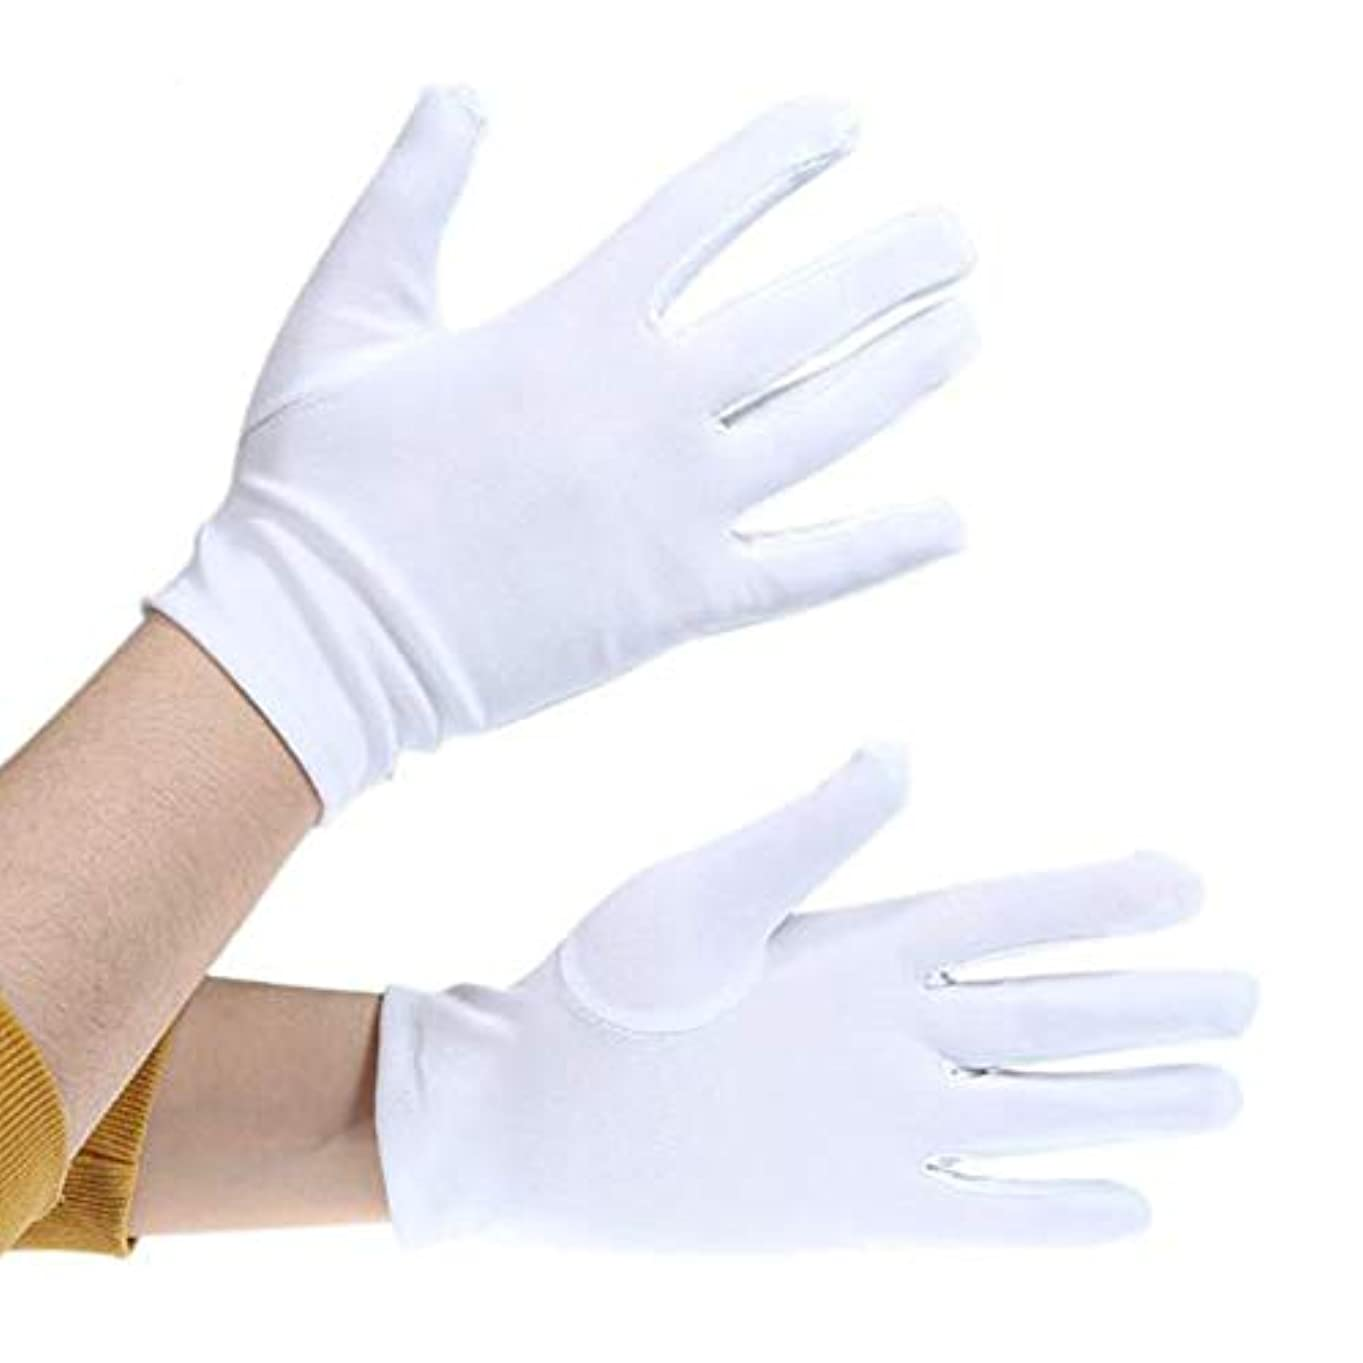 高架ホット汗白手袋薄 礼装用 ジュエリーグローブ時計 貴金属 宝石 接客用 品質管理用 作業用手ぶくろ,保護着用者